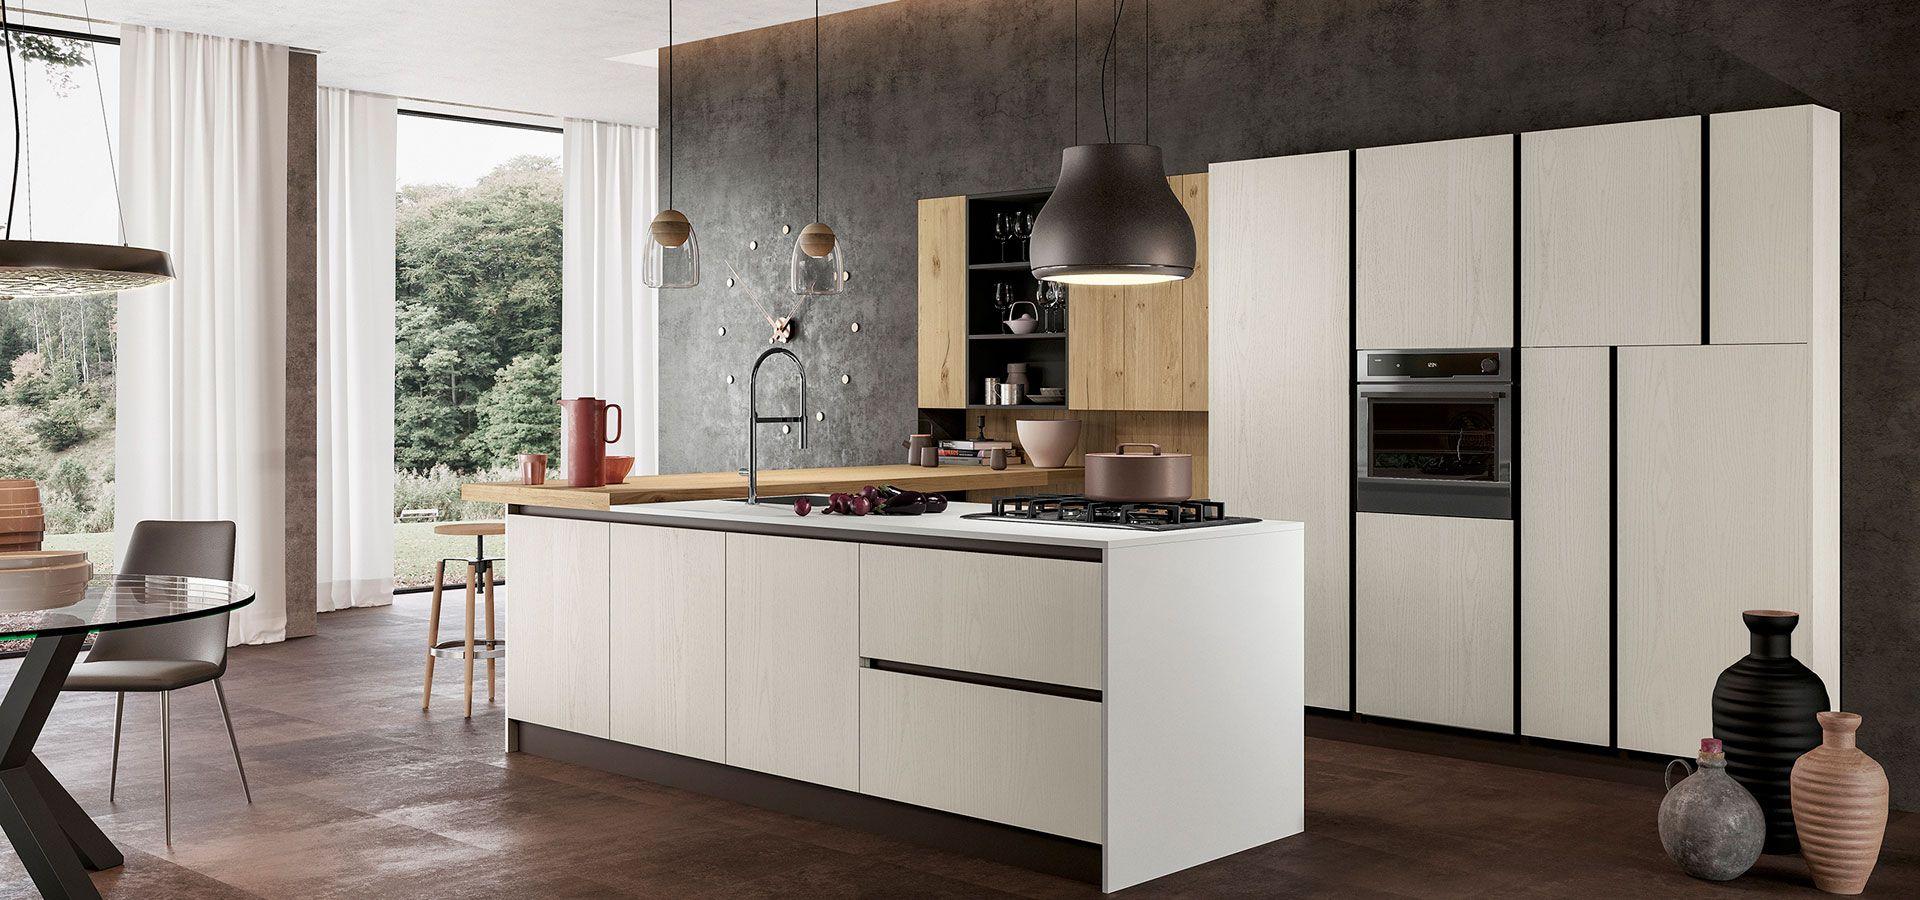 Cucina Componibile Moderna in Rovere Impiallacciato - Asia - Arredo3 ...